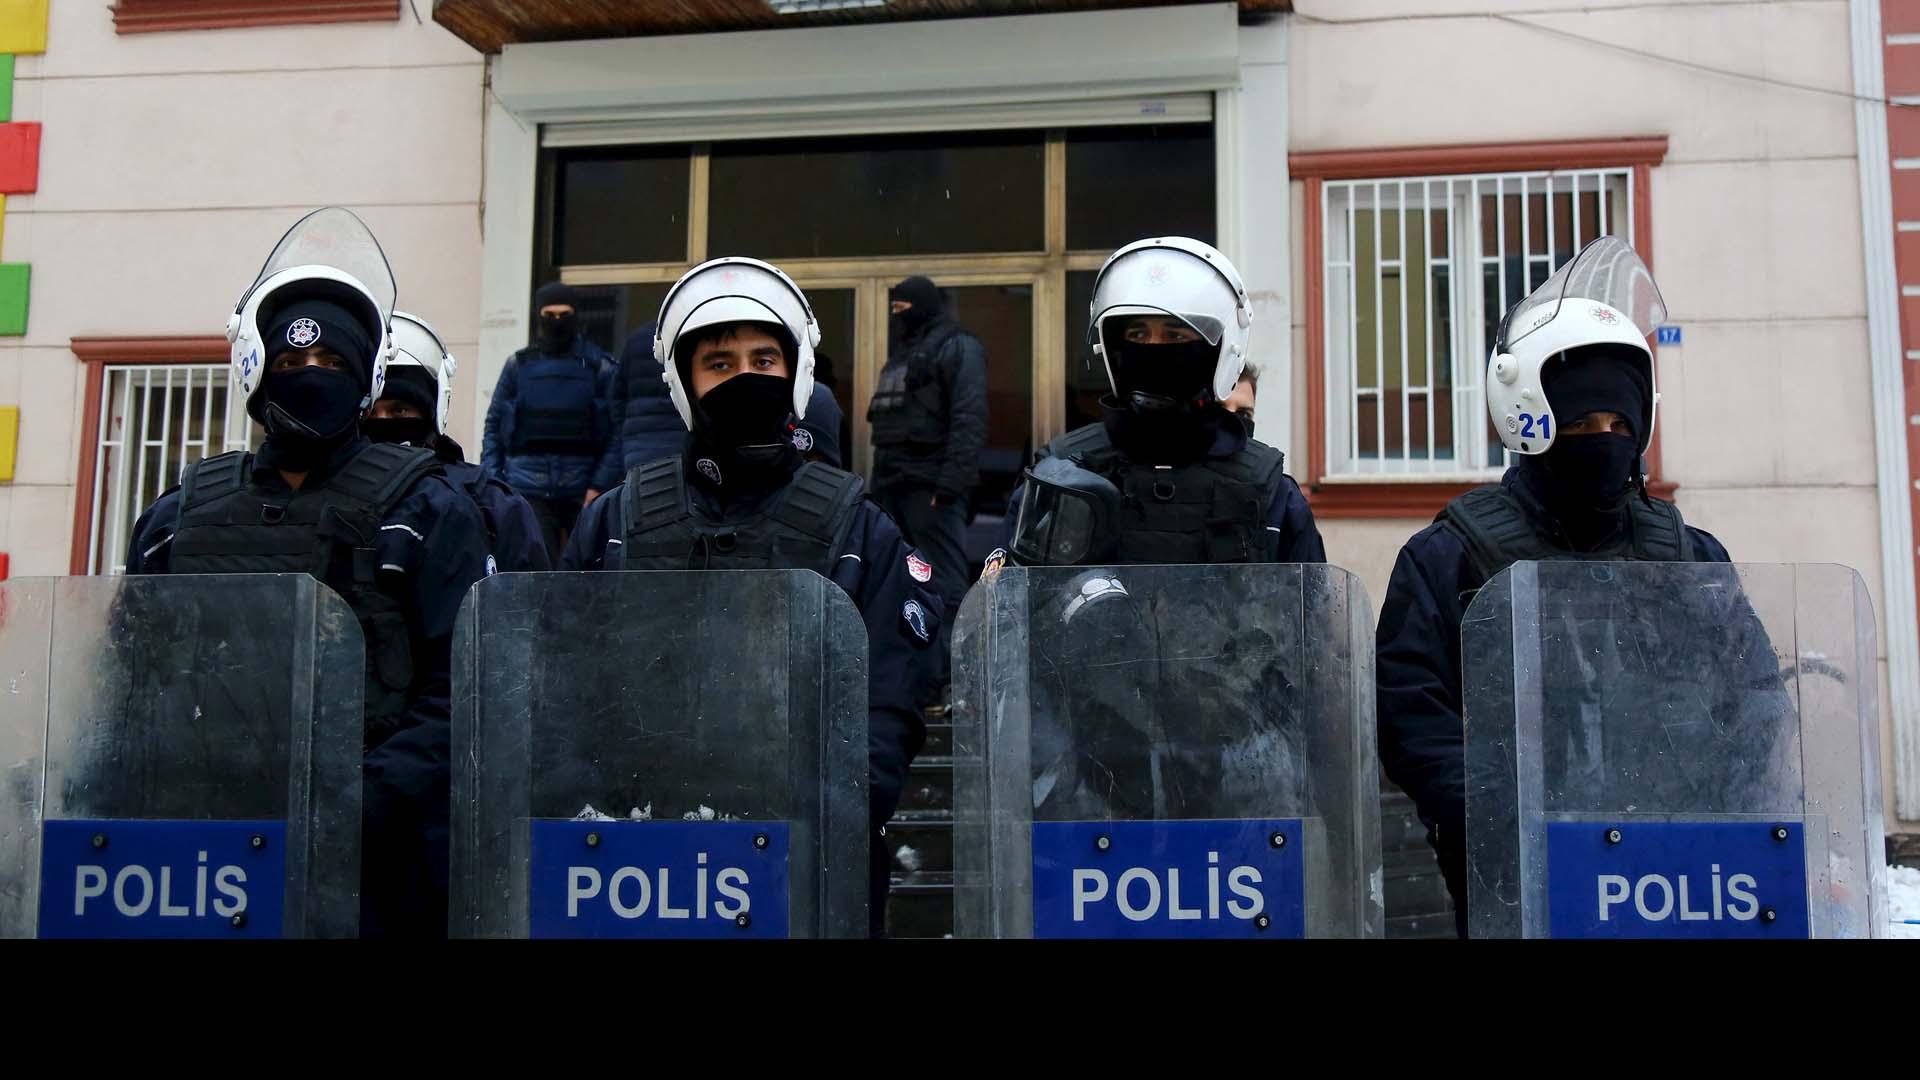 Condenaron las acciones del gobierno turco que disparó contra civiles desarmados en ciudad en estado de queda